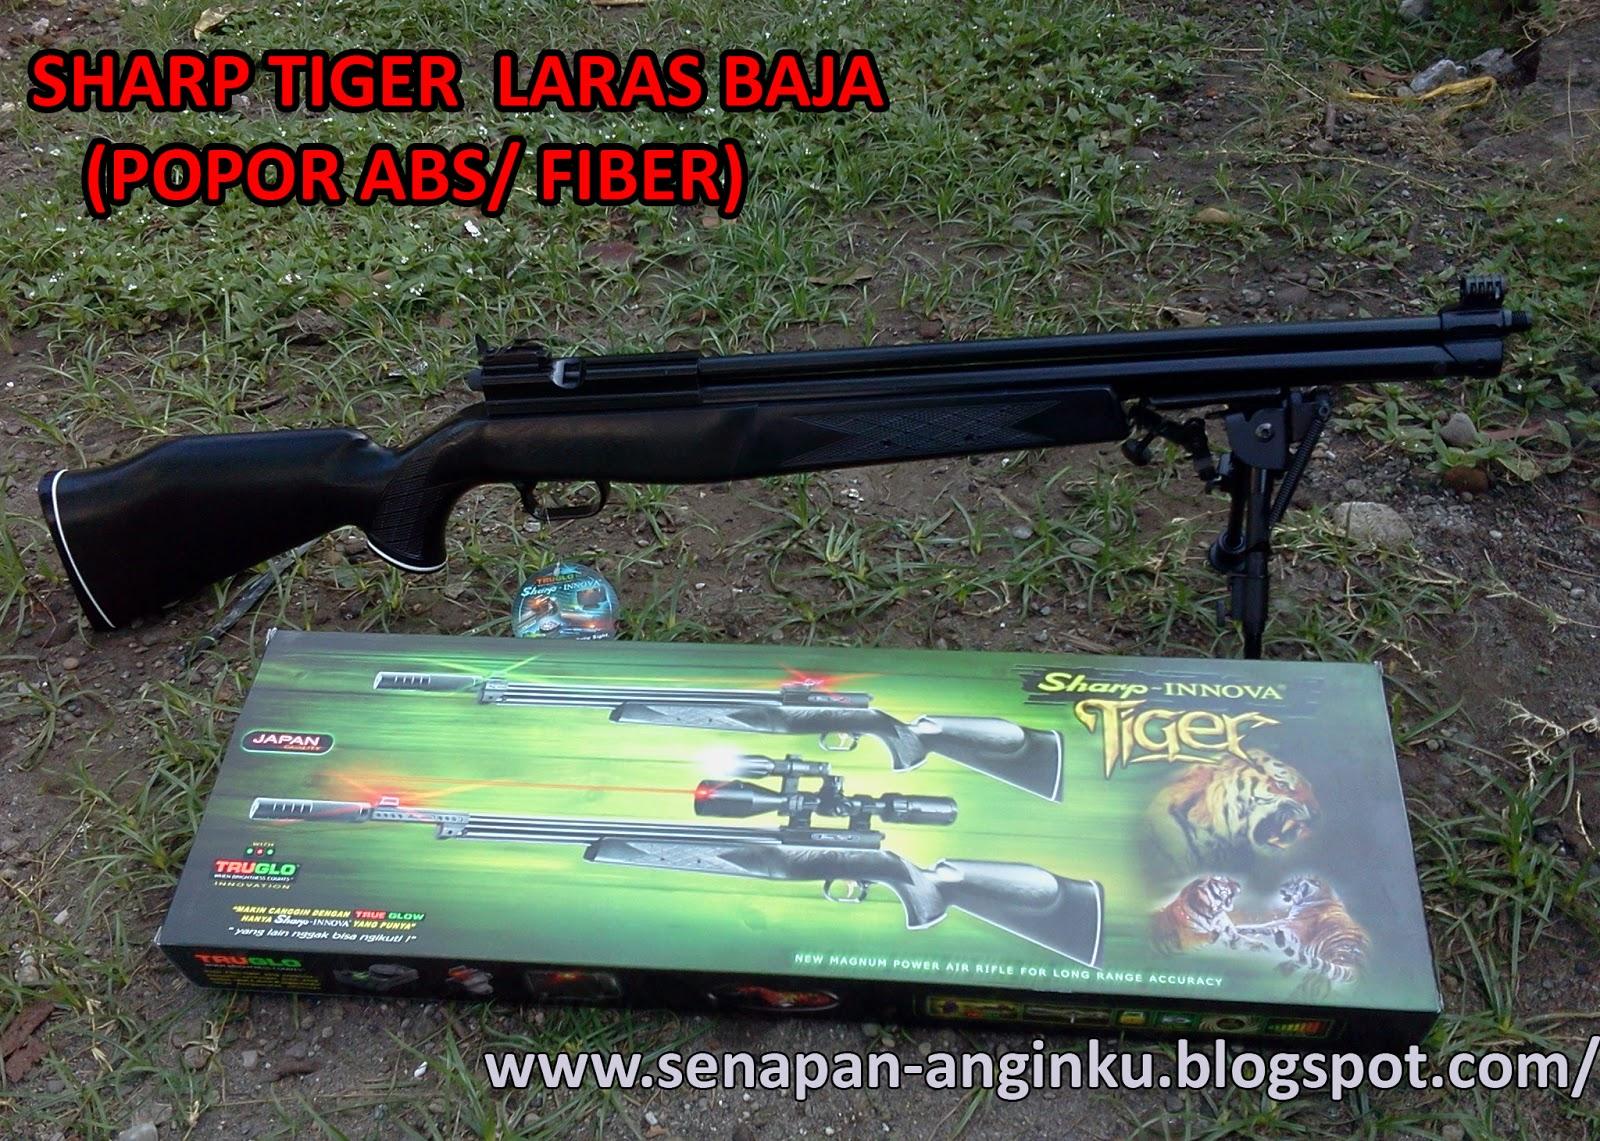 Sharp Tiger Laras Baja Popor Abs   Fiber